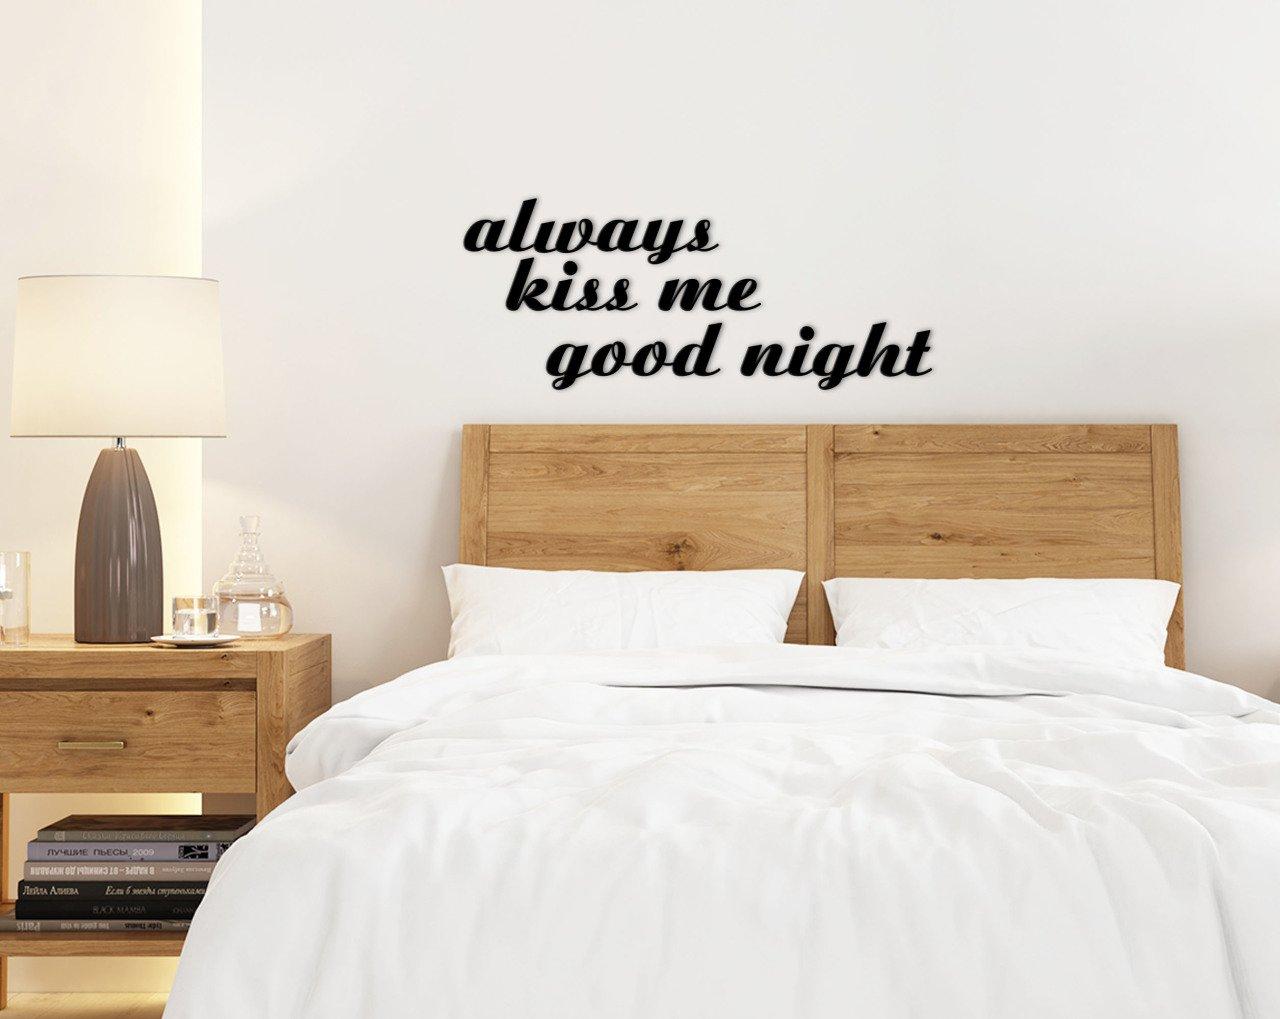 BK Home دائما تقبلني ليلة سعيدة الجدار Yazısı-1